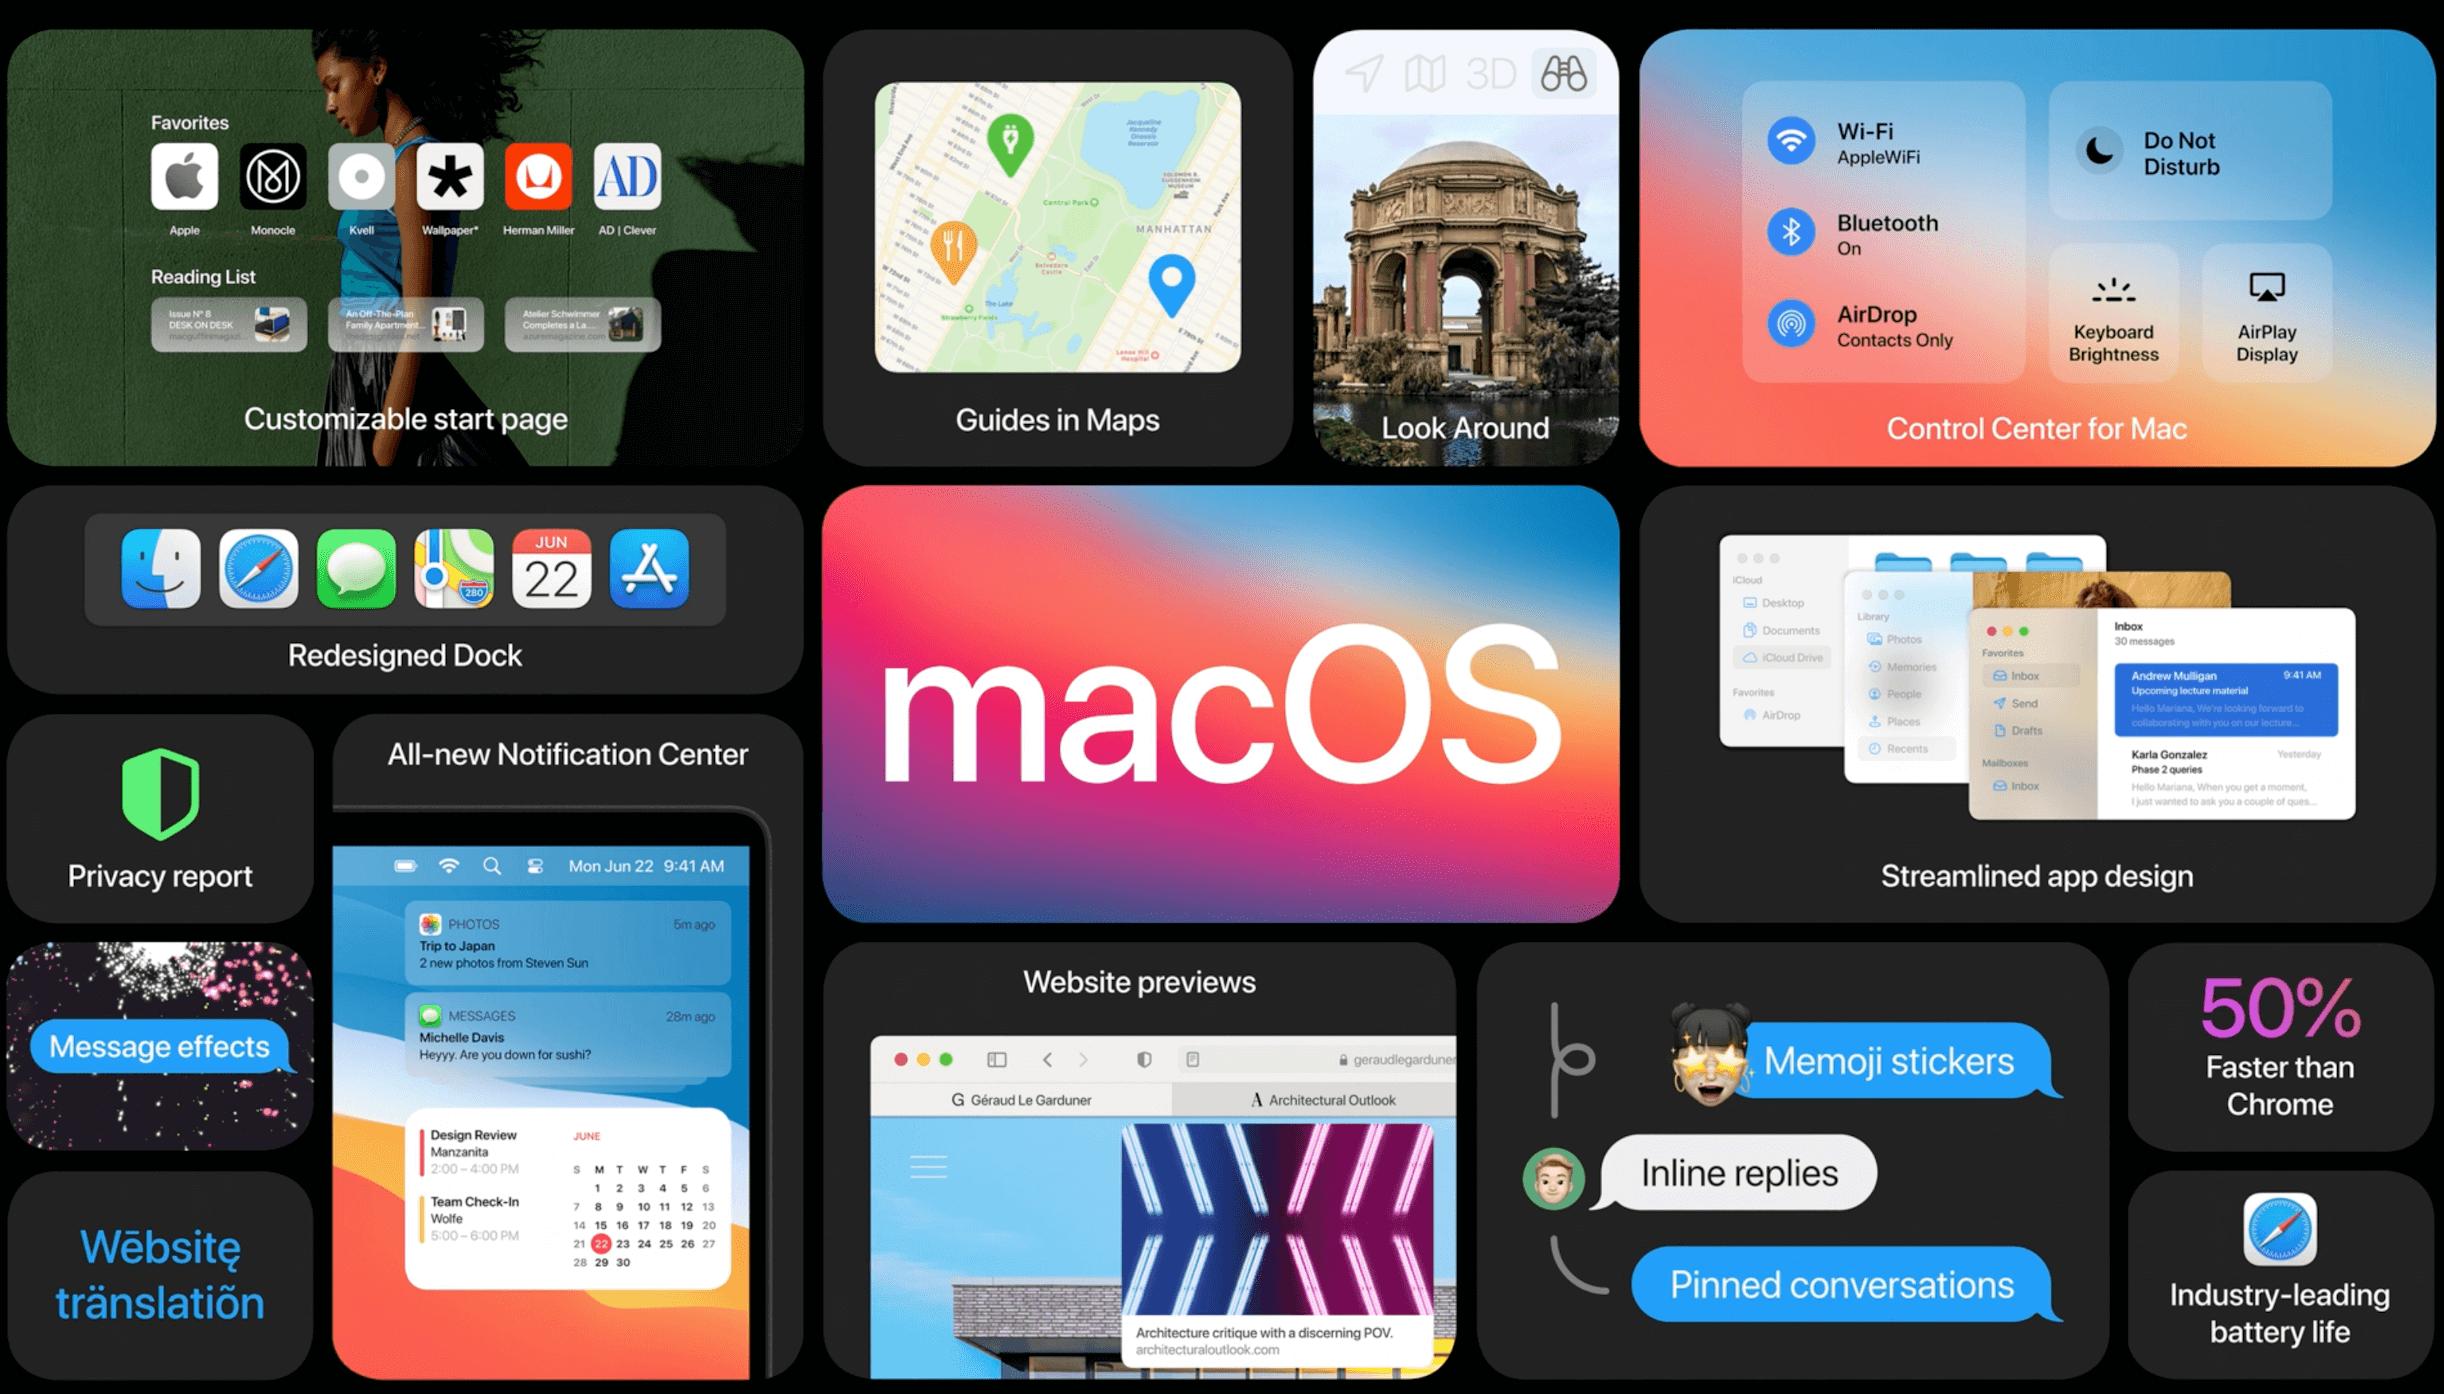 比起亮眼的外观和功能上的微创新,核心用户更需要的或许是找回 macOS 的扩展性和自由度